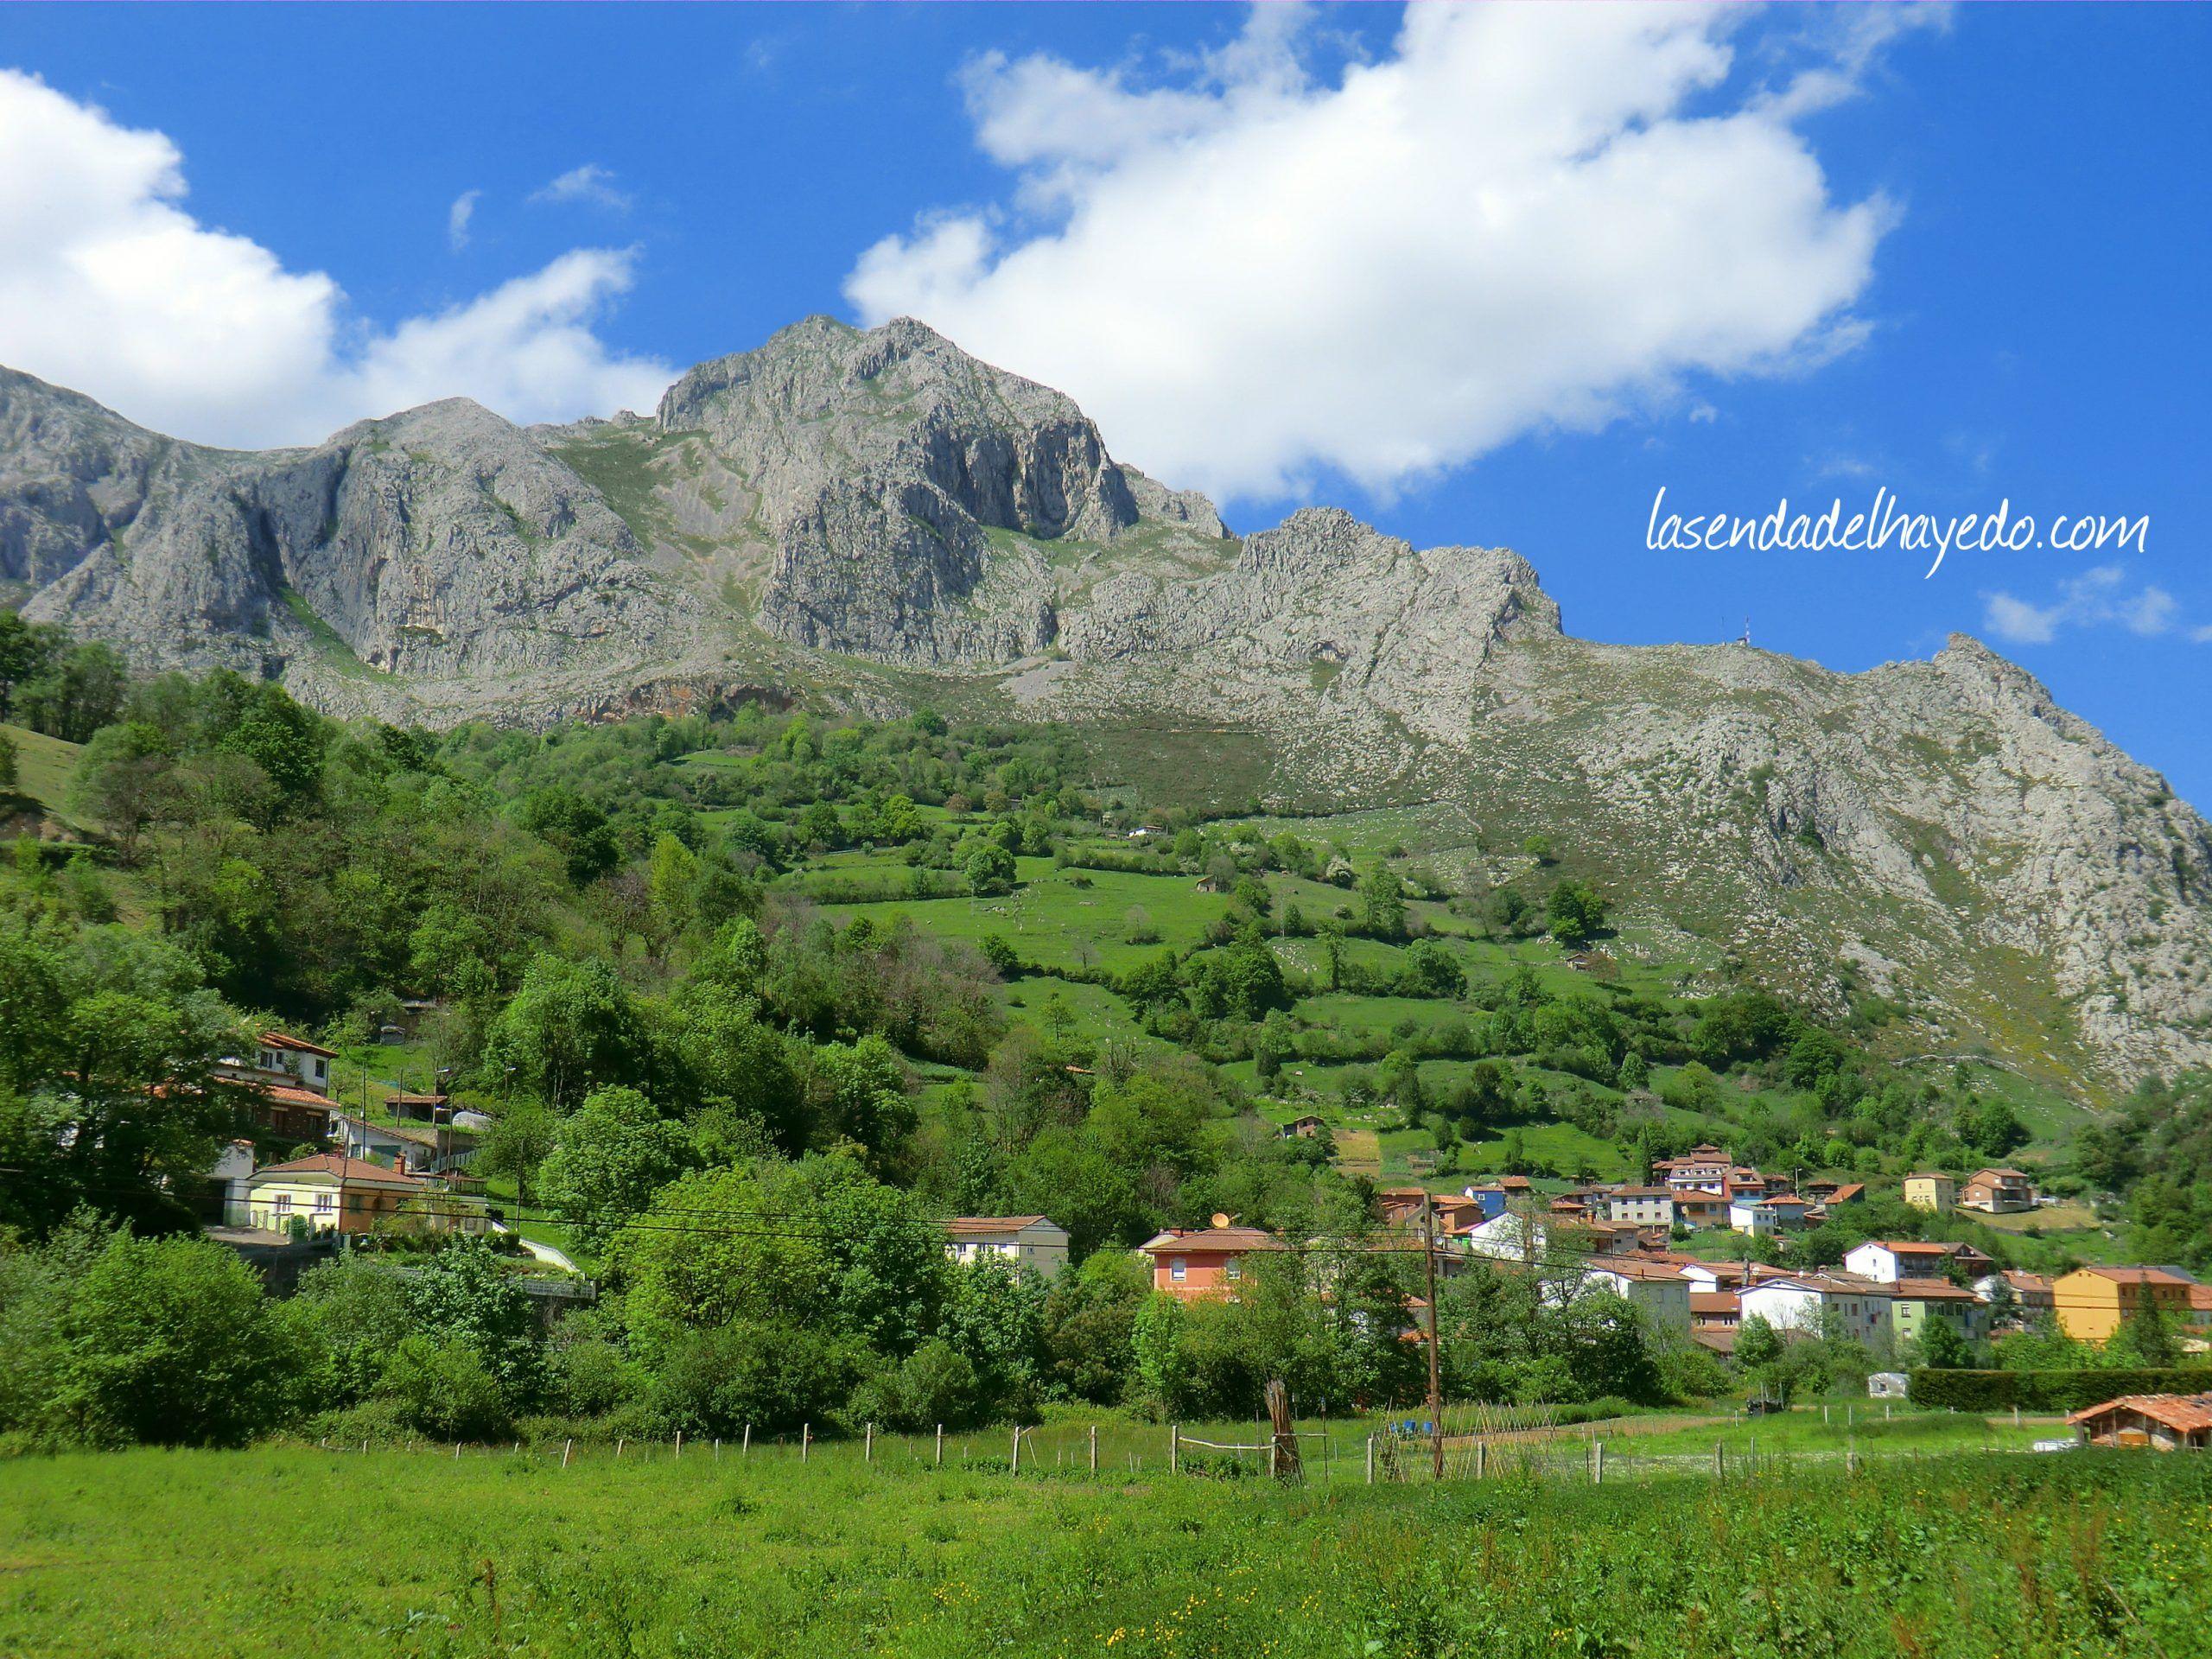 morcin asturias rutas